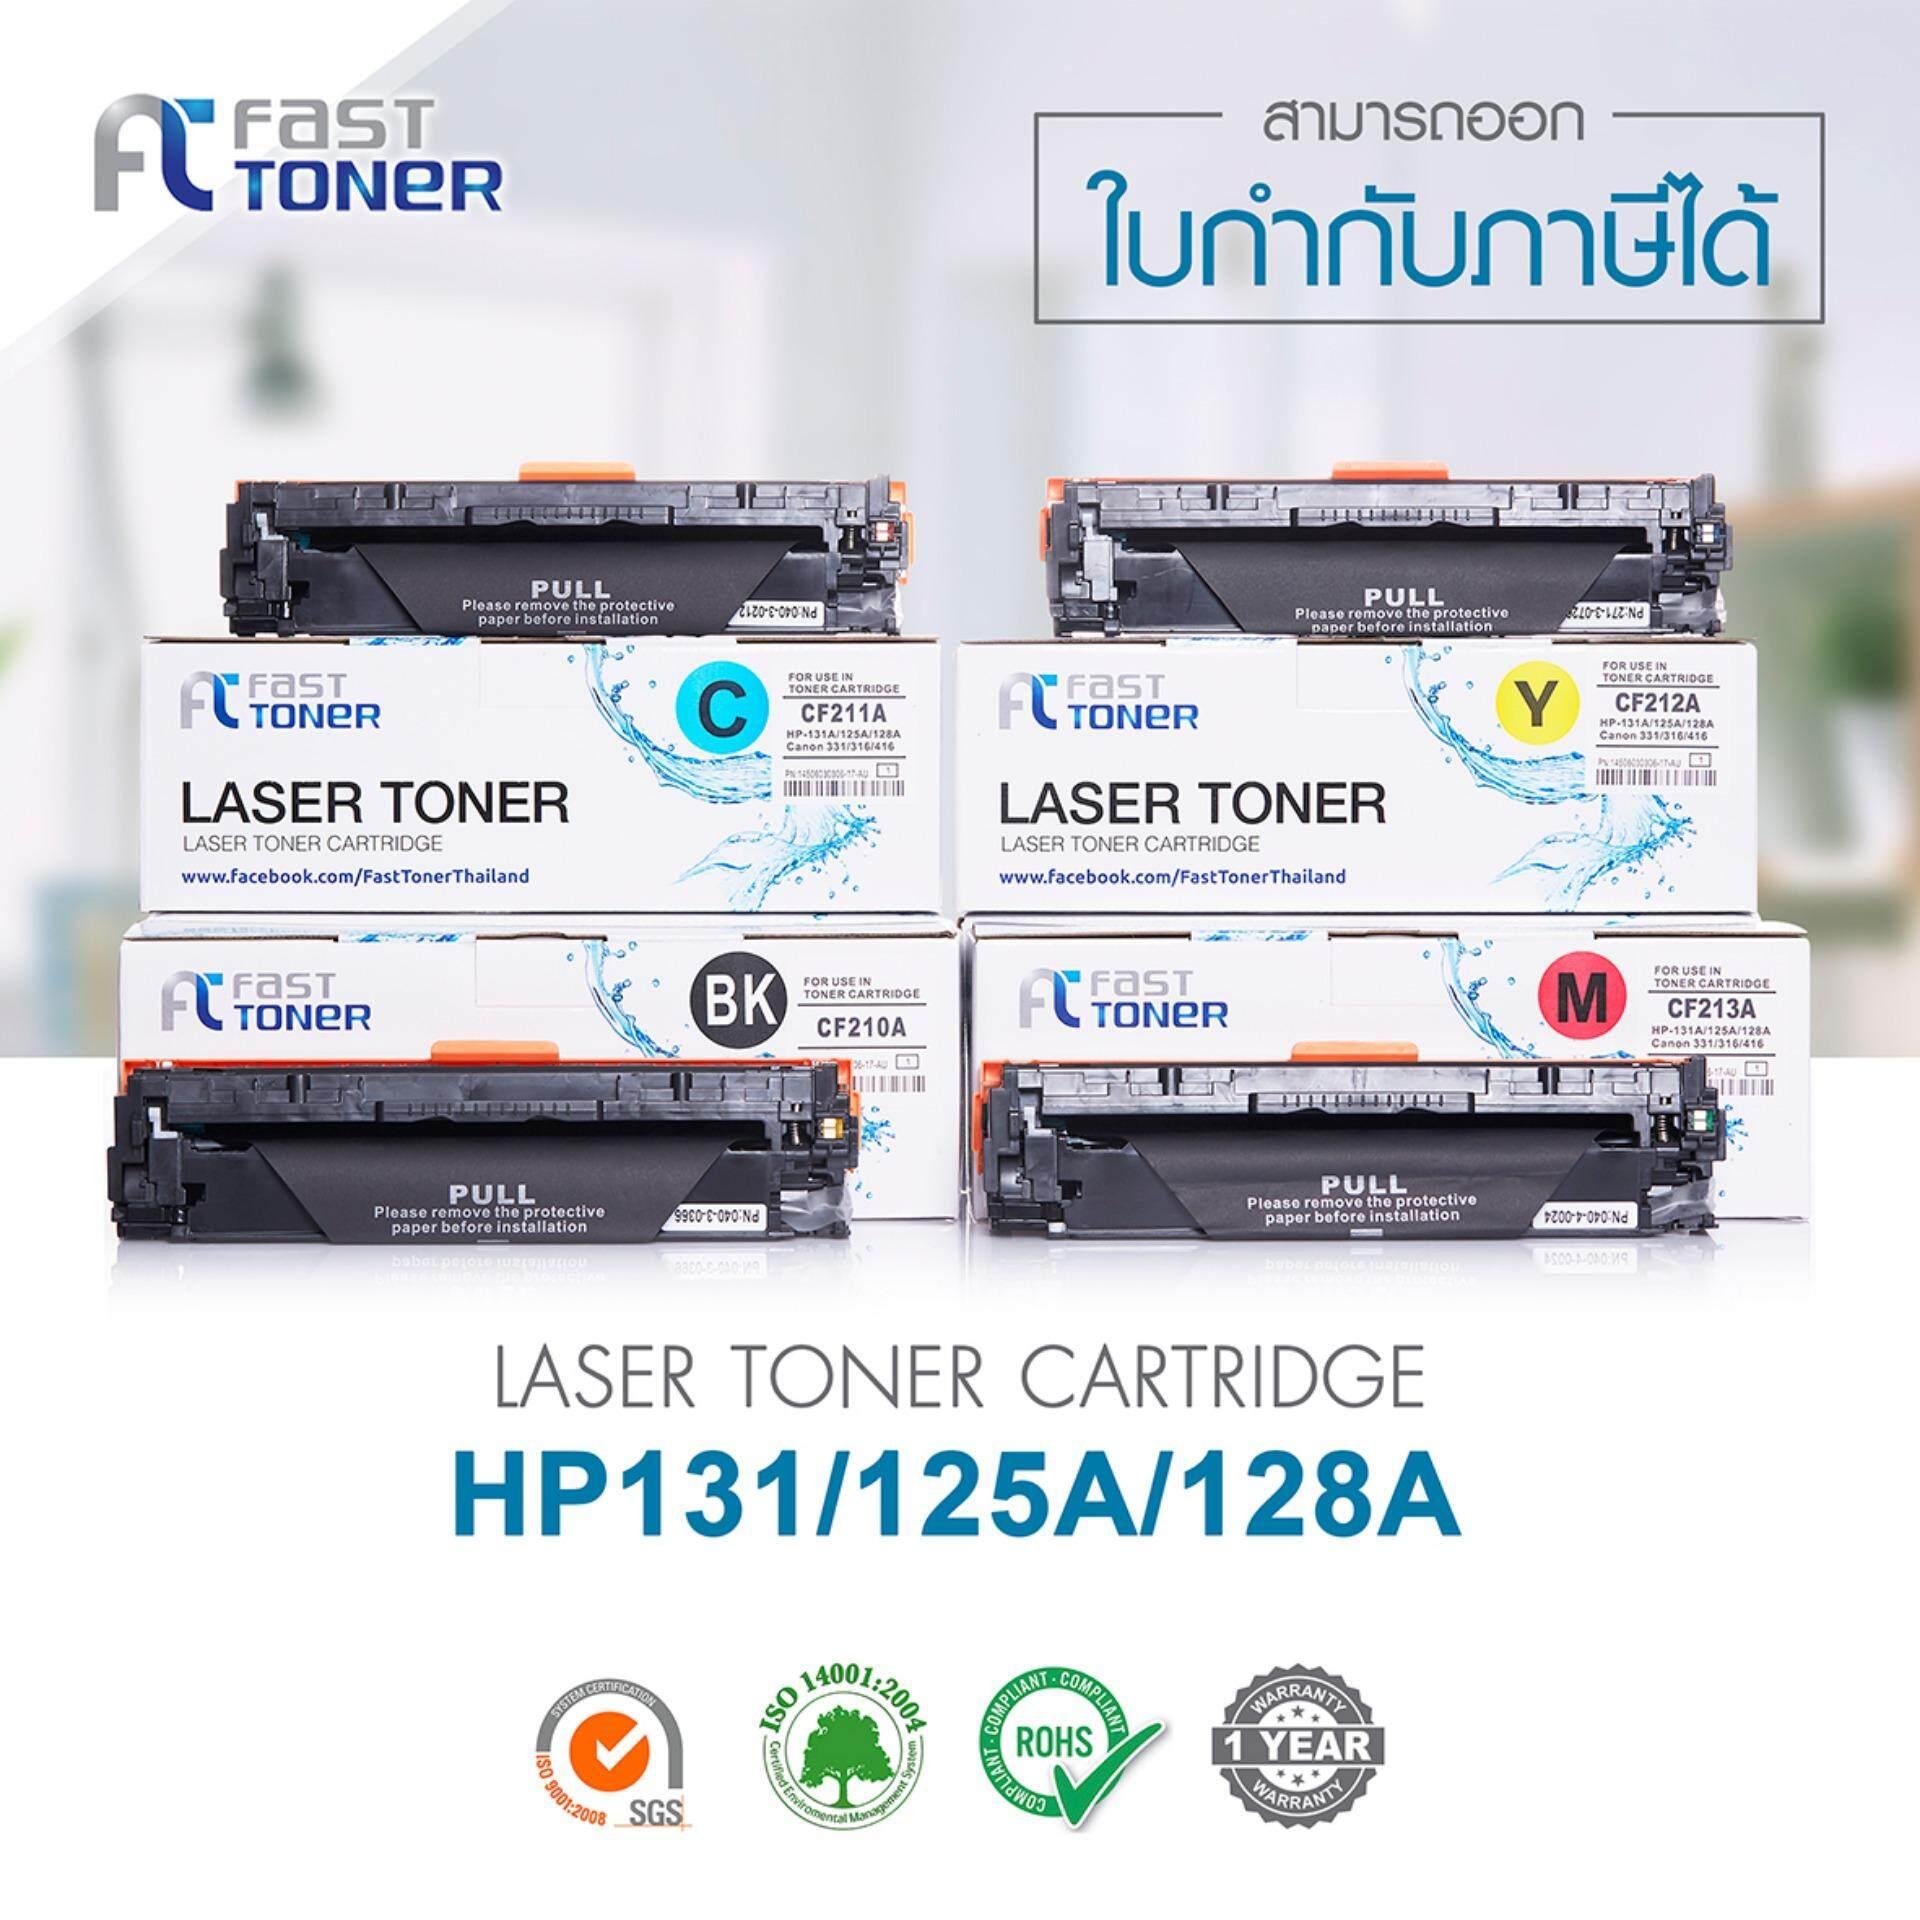 ซื้อ Laser Toner Hp ตลับหมึกพิมพ์เลเซอร์เทียบเท่า Fast Toner 131A Cf210A Cf211A Cf212A Cf213A ชุด 4 สี Bk C M Y ดำ แดง ฟ้า เหลือง Black ออนไลน์